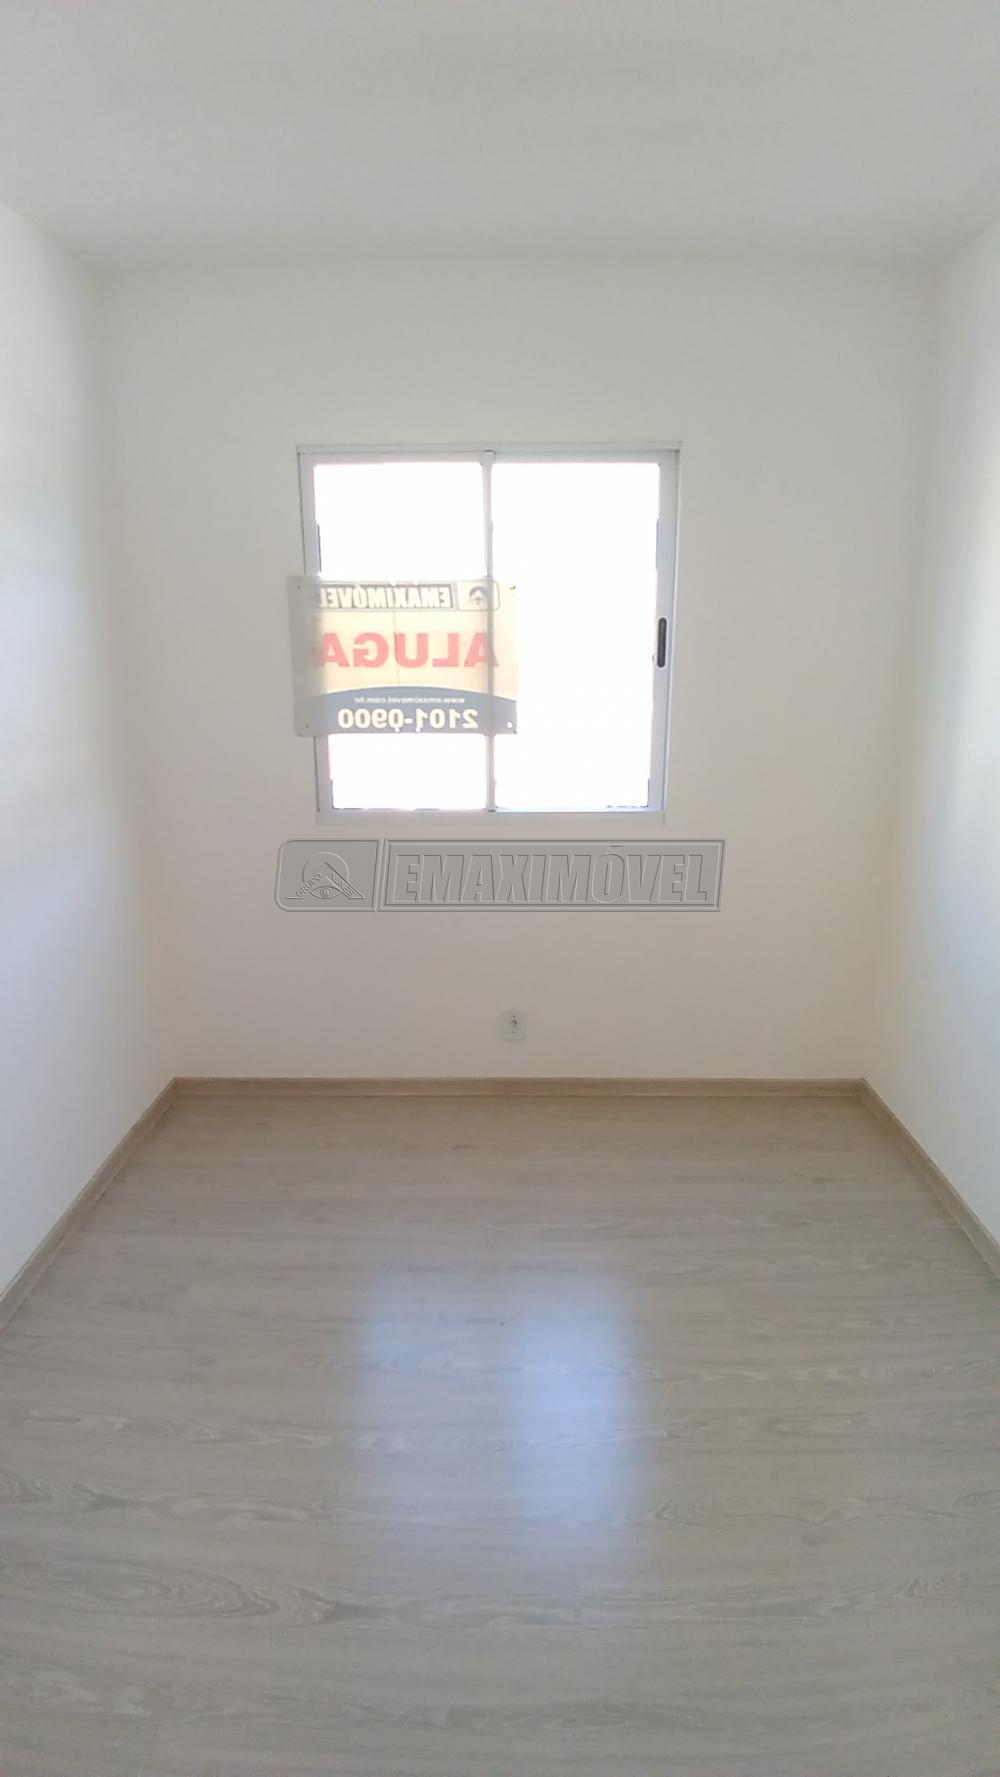 Alugar Apartamentos / Apto Padrão em Sorocaba R$ 650,00 - Foto 4